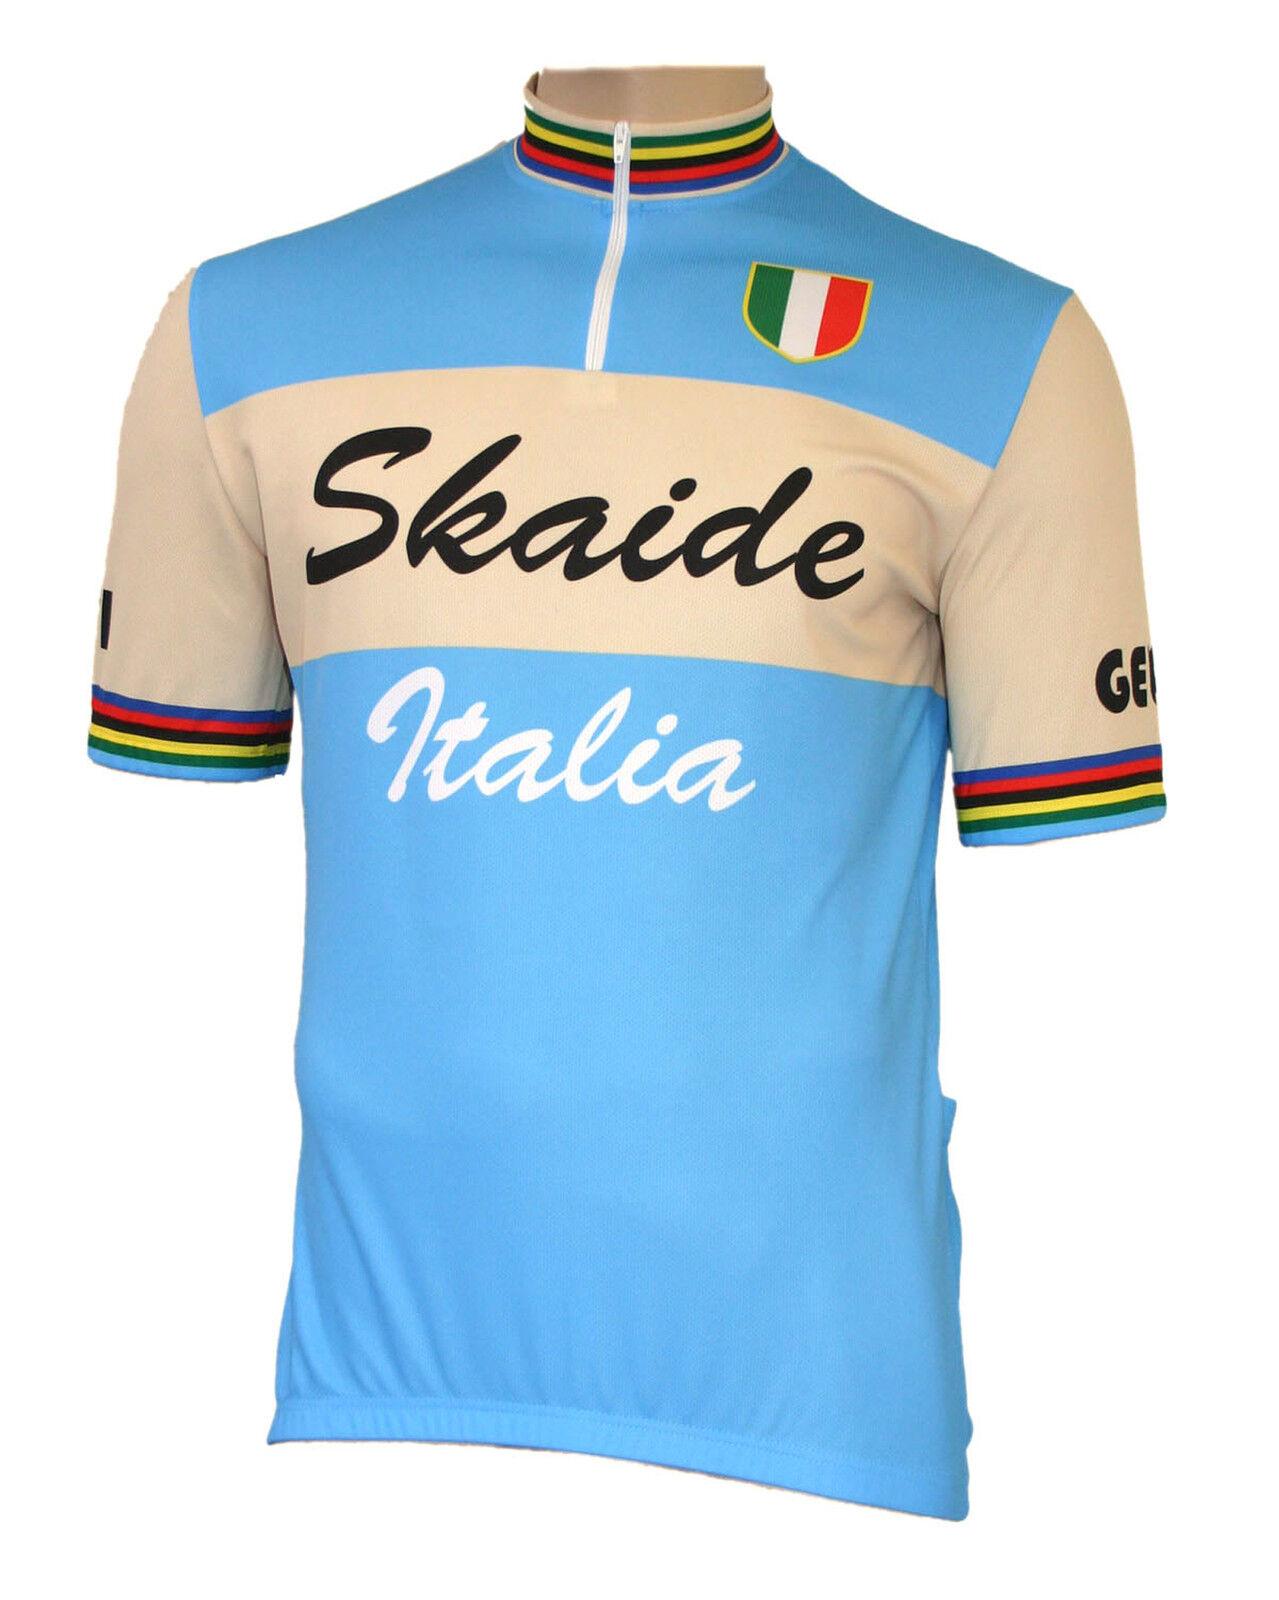 ciclismo skaide ITALIA RETRO AZZURROCREMA A uomoiche Corte anche taglie forti fino a 6xl